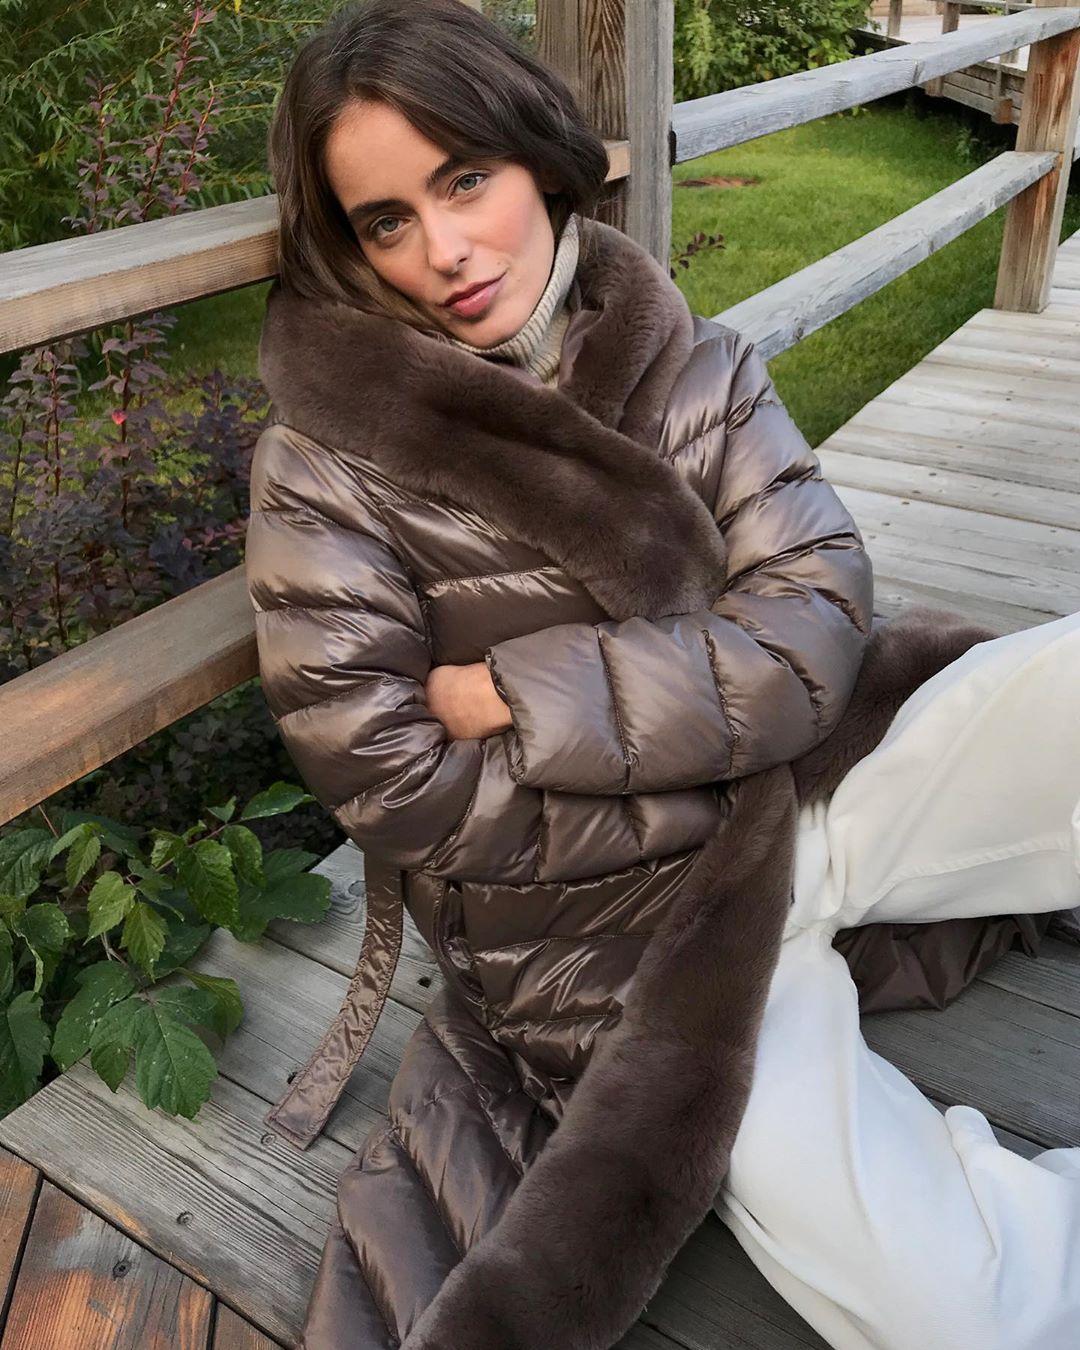 модные зимние образы на каждый день фото 10